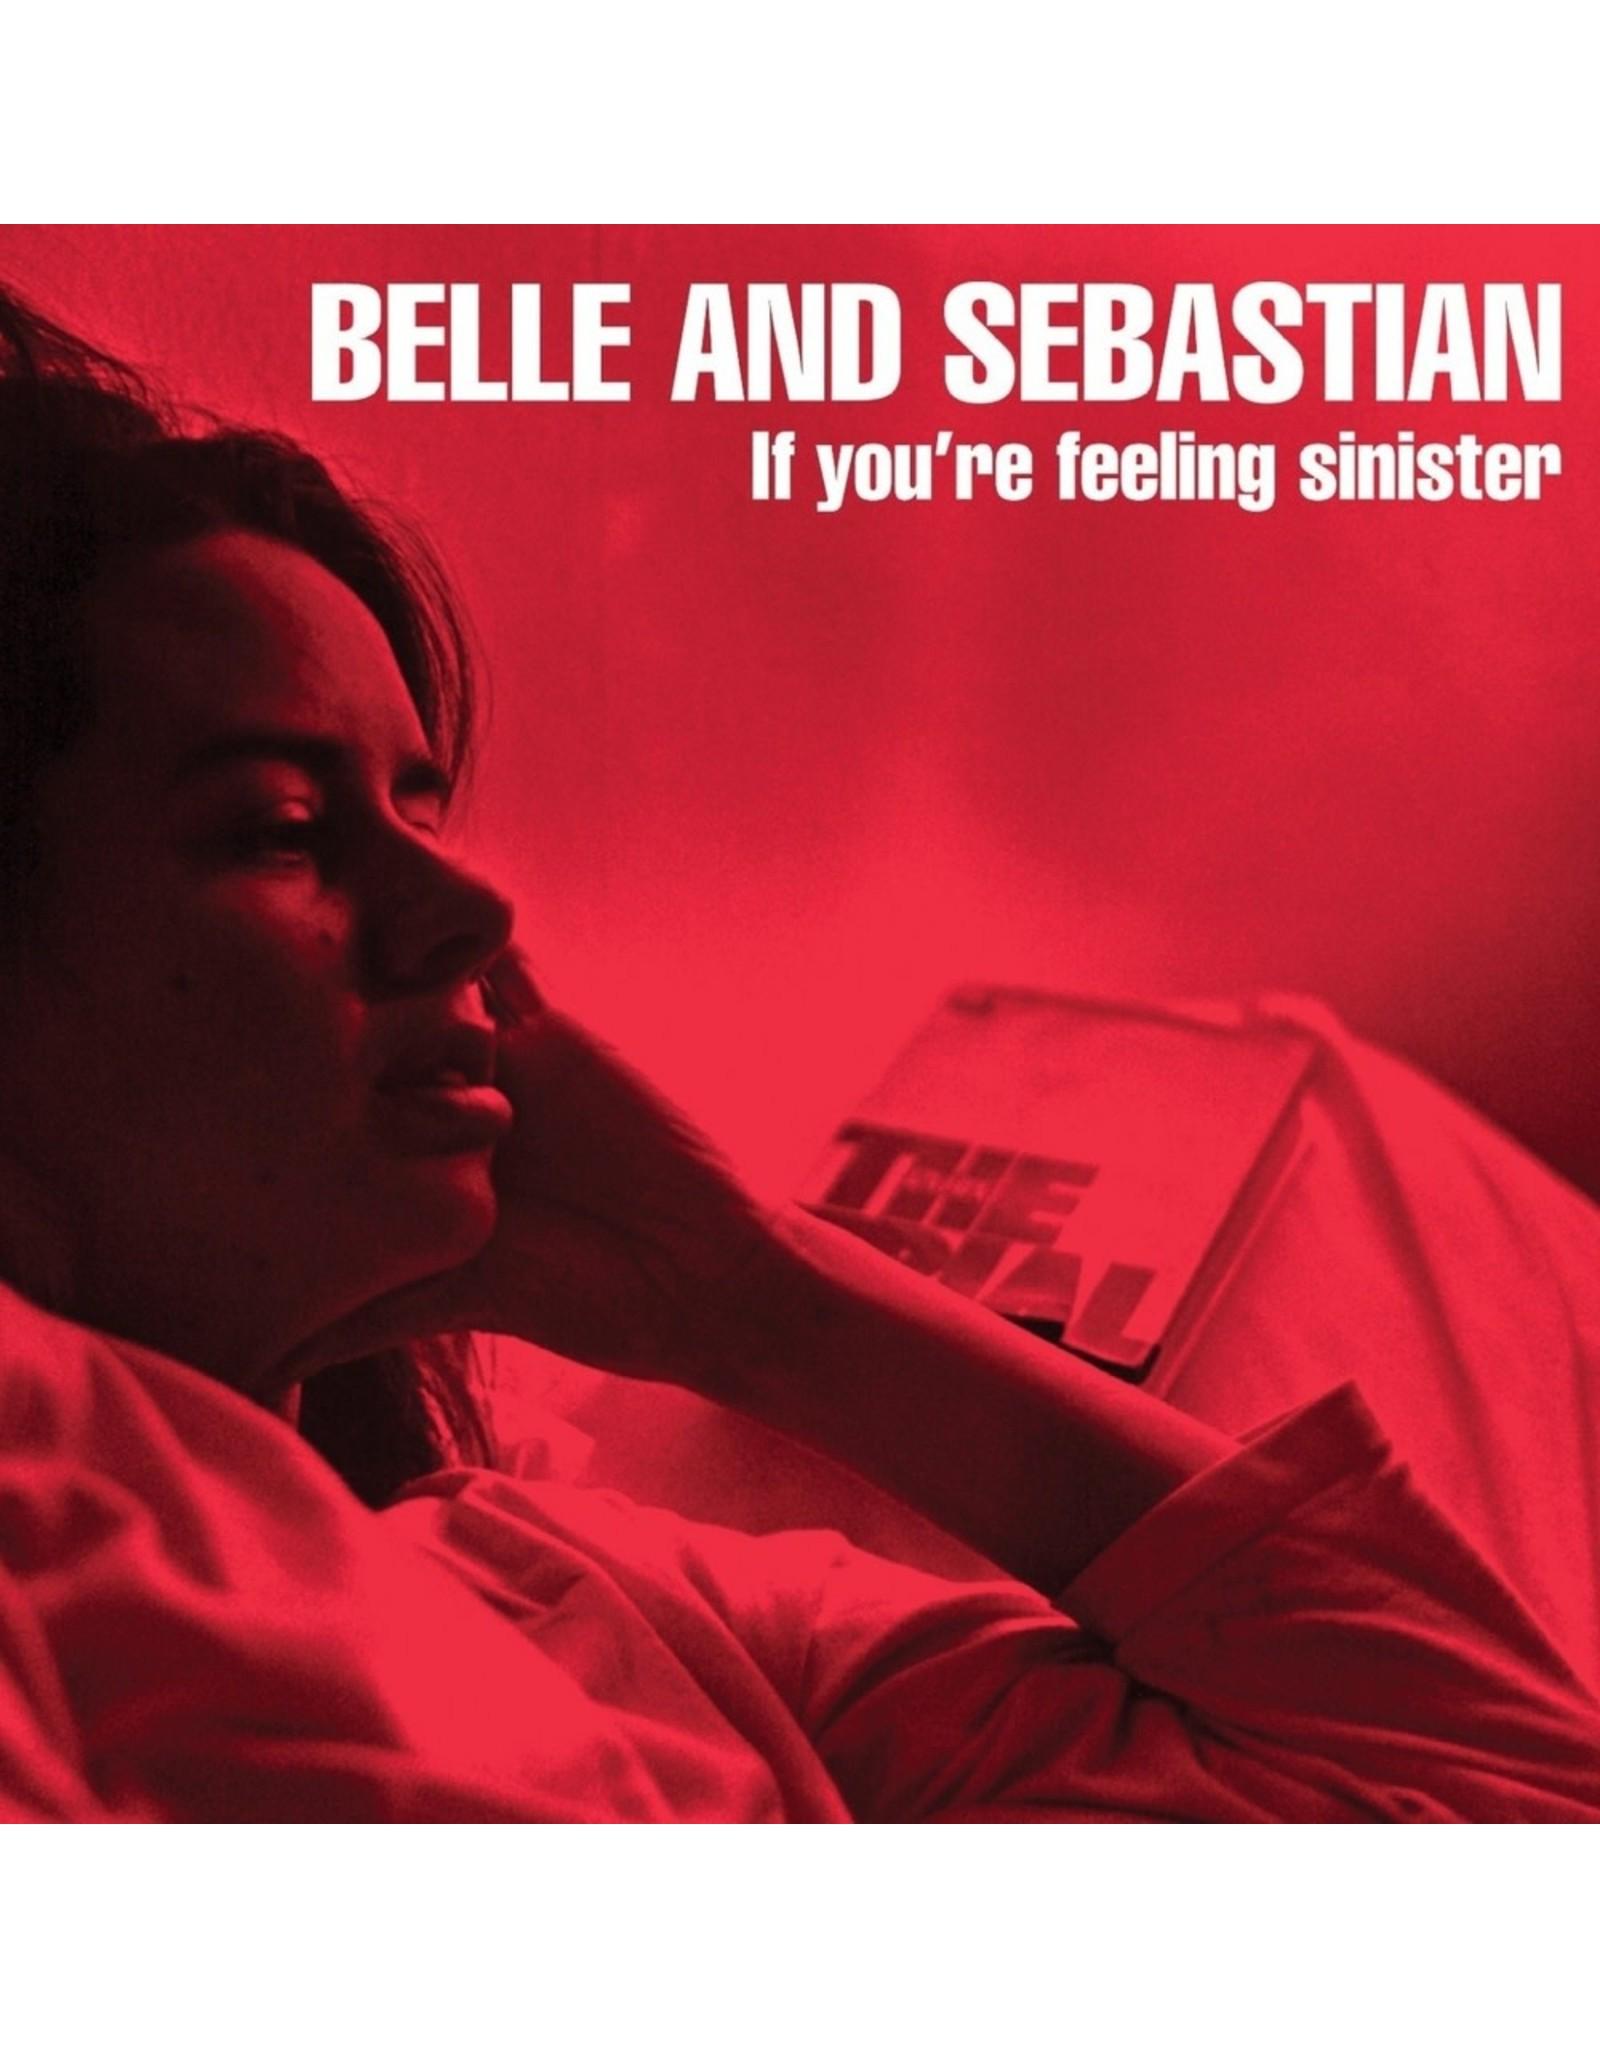 Belle and Sebastian - If You're Feeling Sinister (Vinyl)